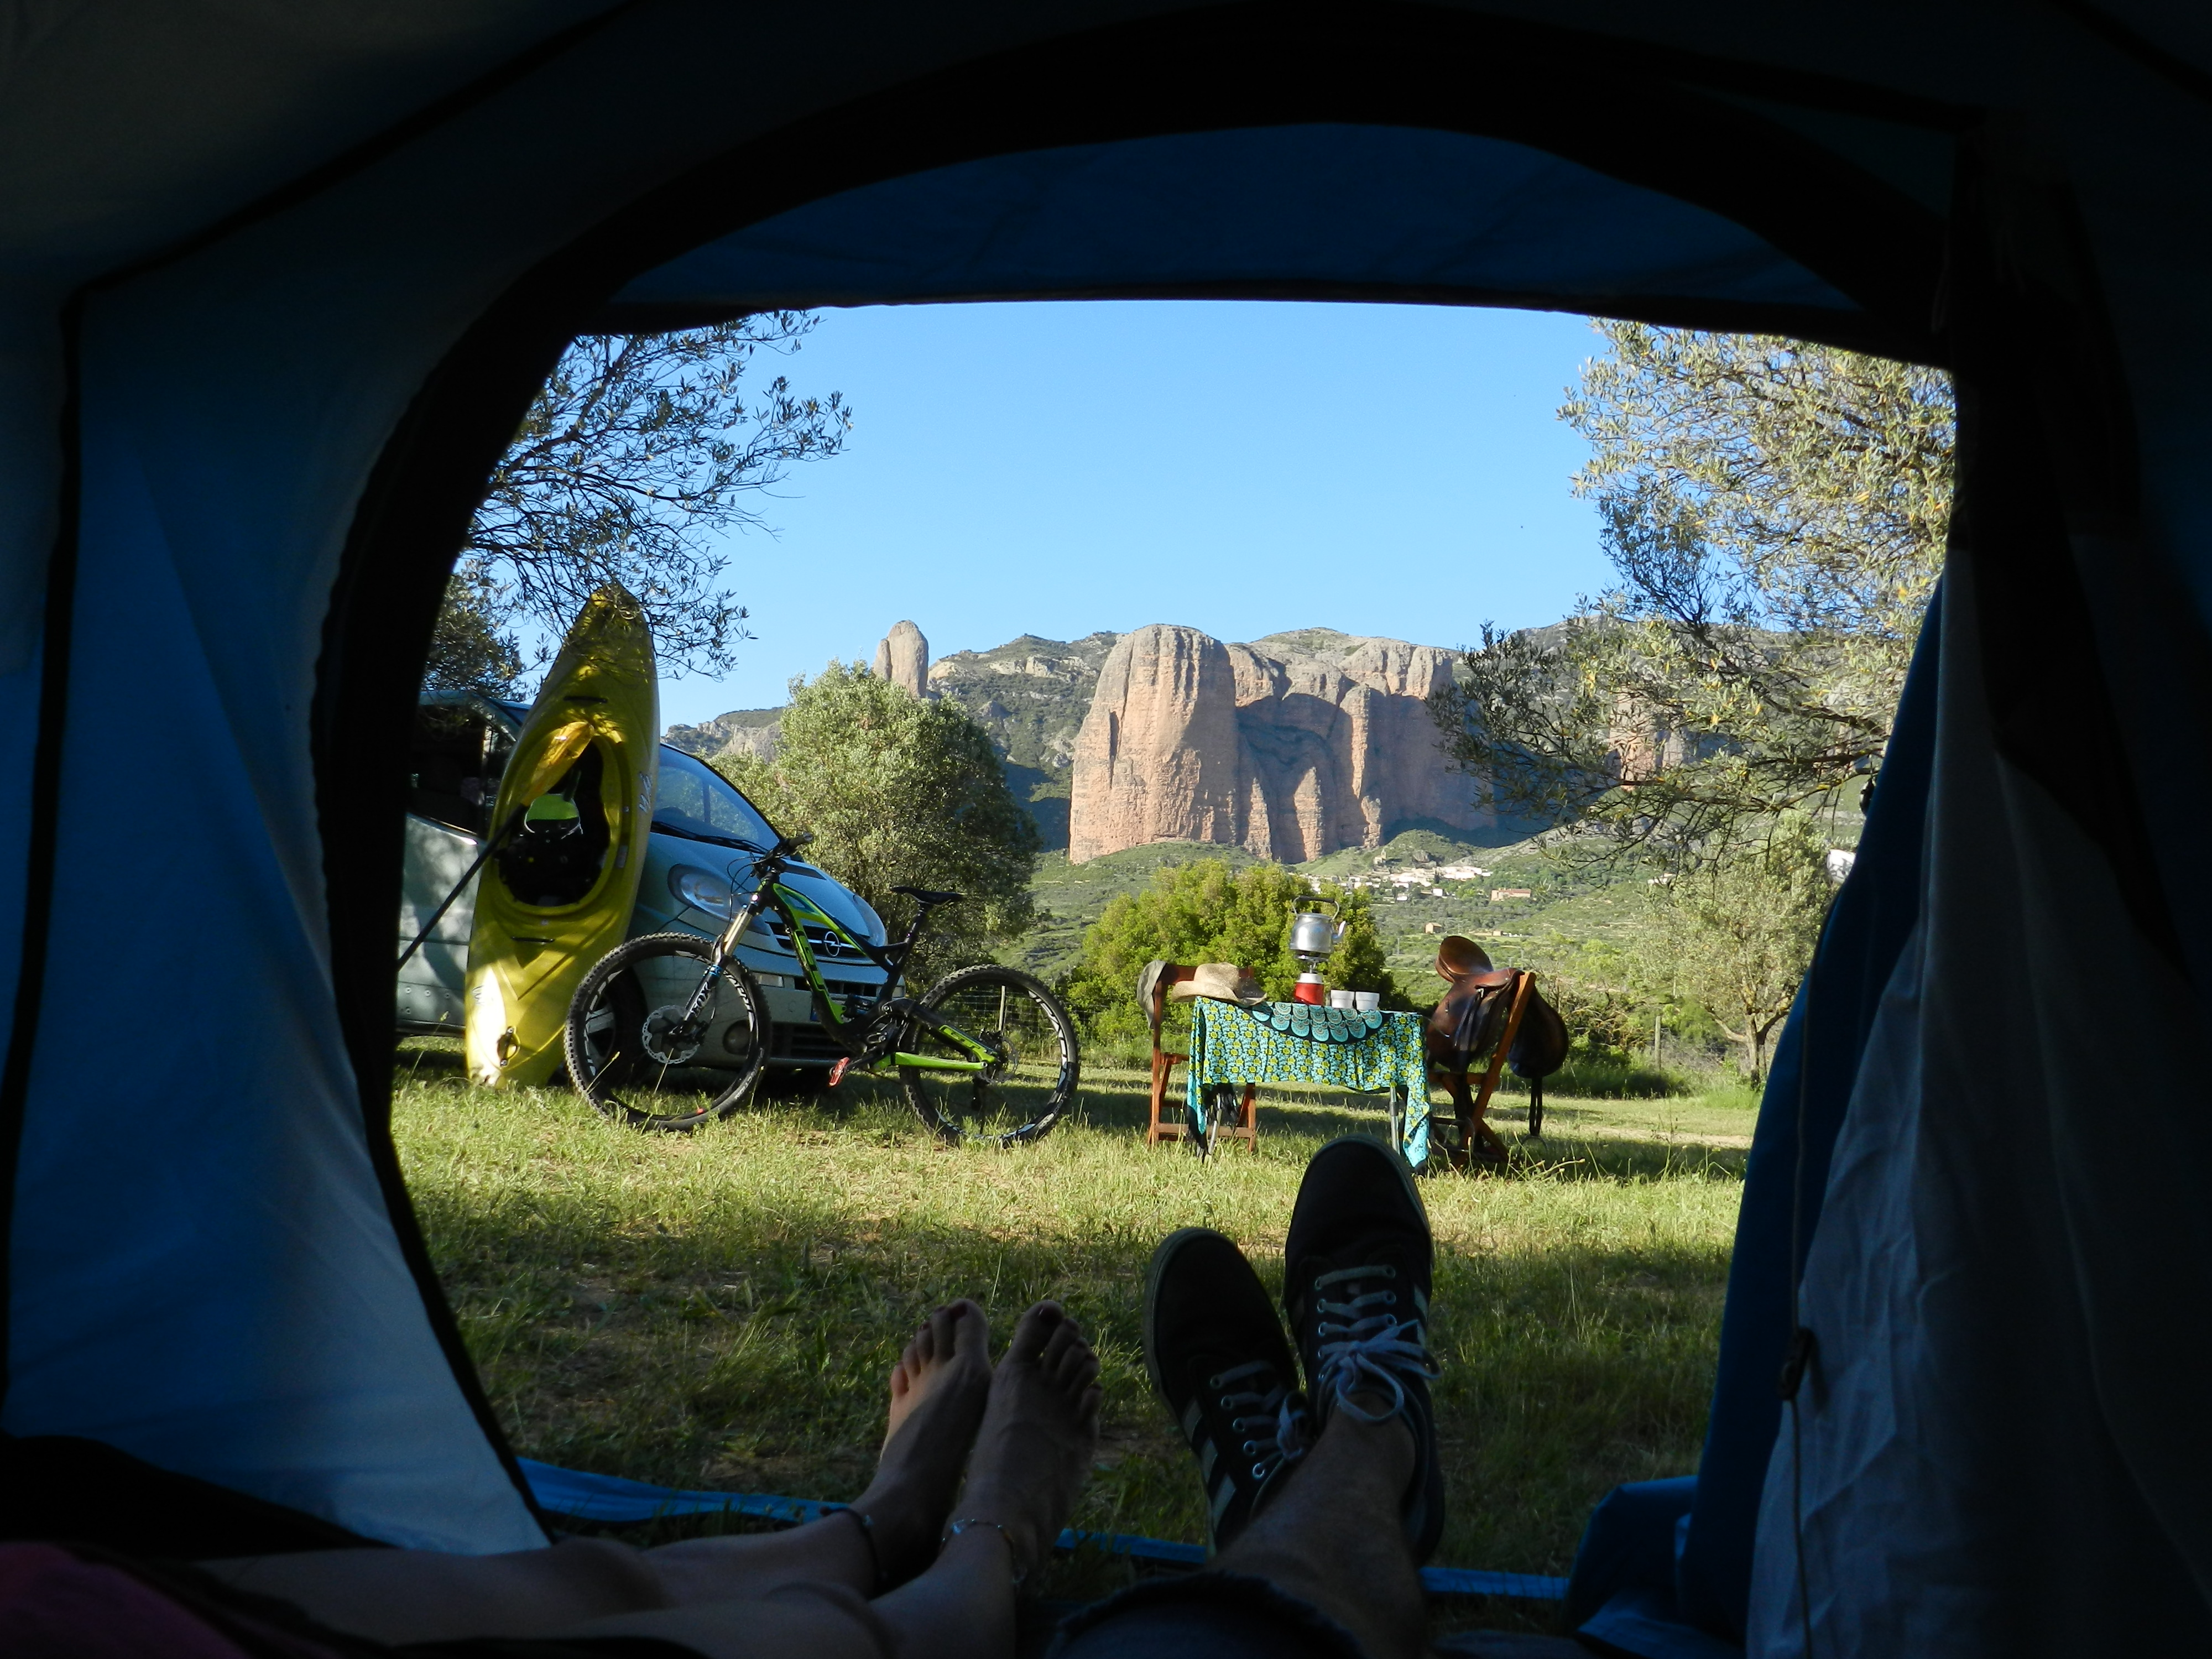 vuelta a la esencia del Camping salvaje. Observa las estrellas por la noche y la magia de los Mallos